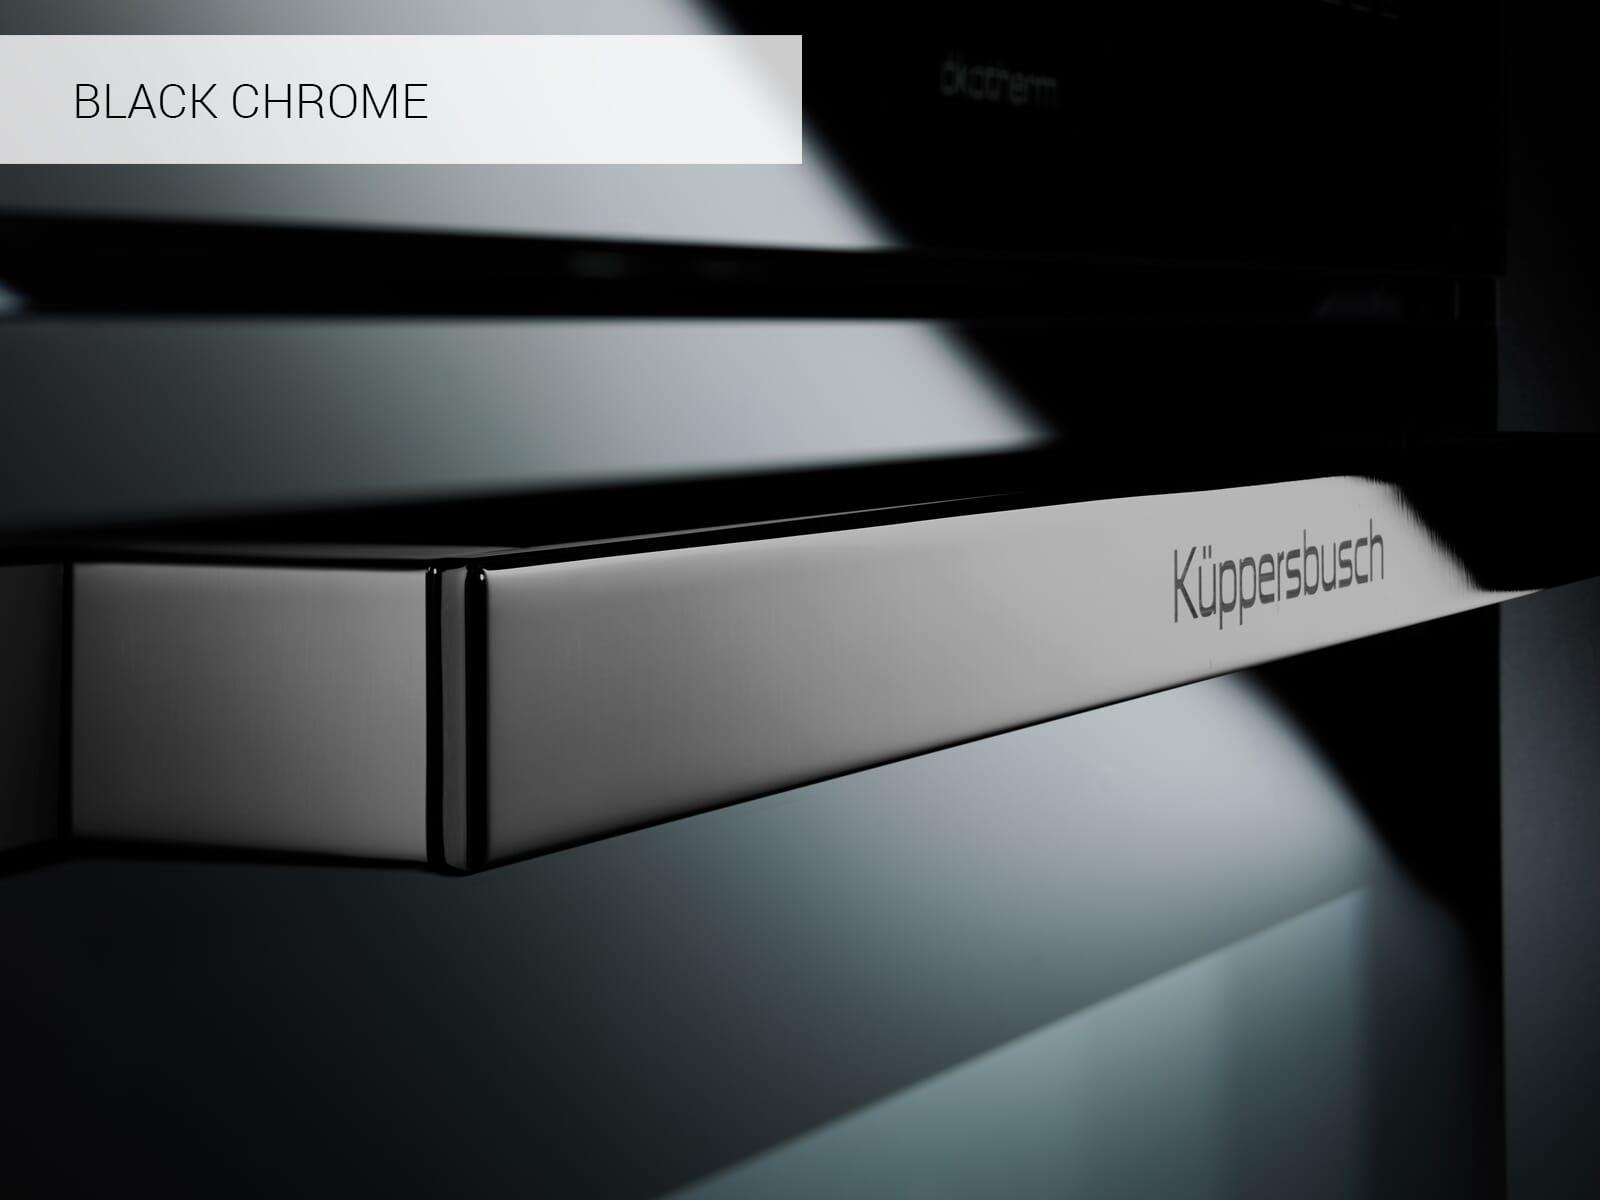 Küppersbusch CDK 6300.0 SE2 K-Series. 3 Dampfbackofen Schwarz/Black Chrome